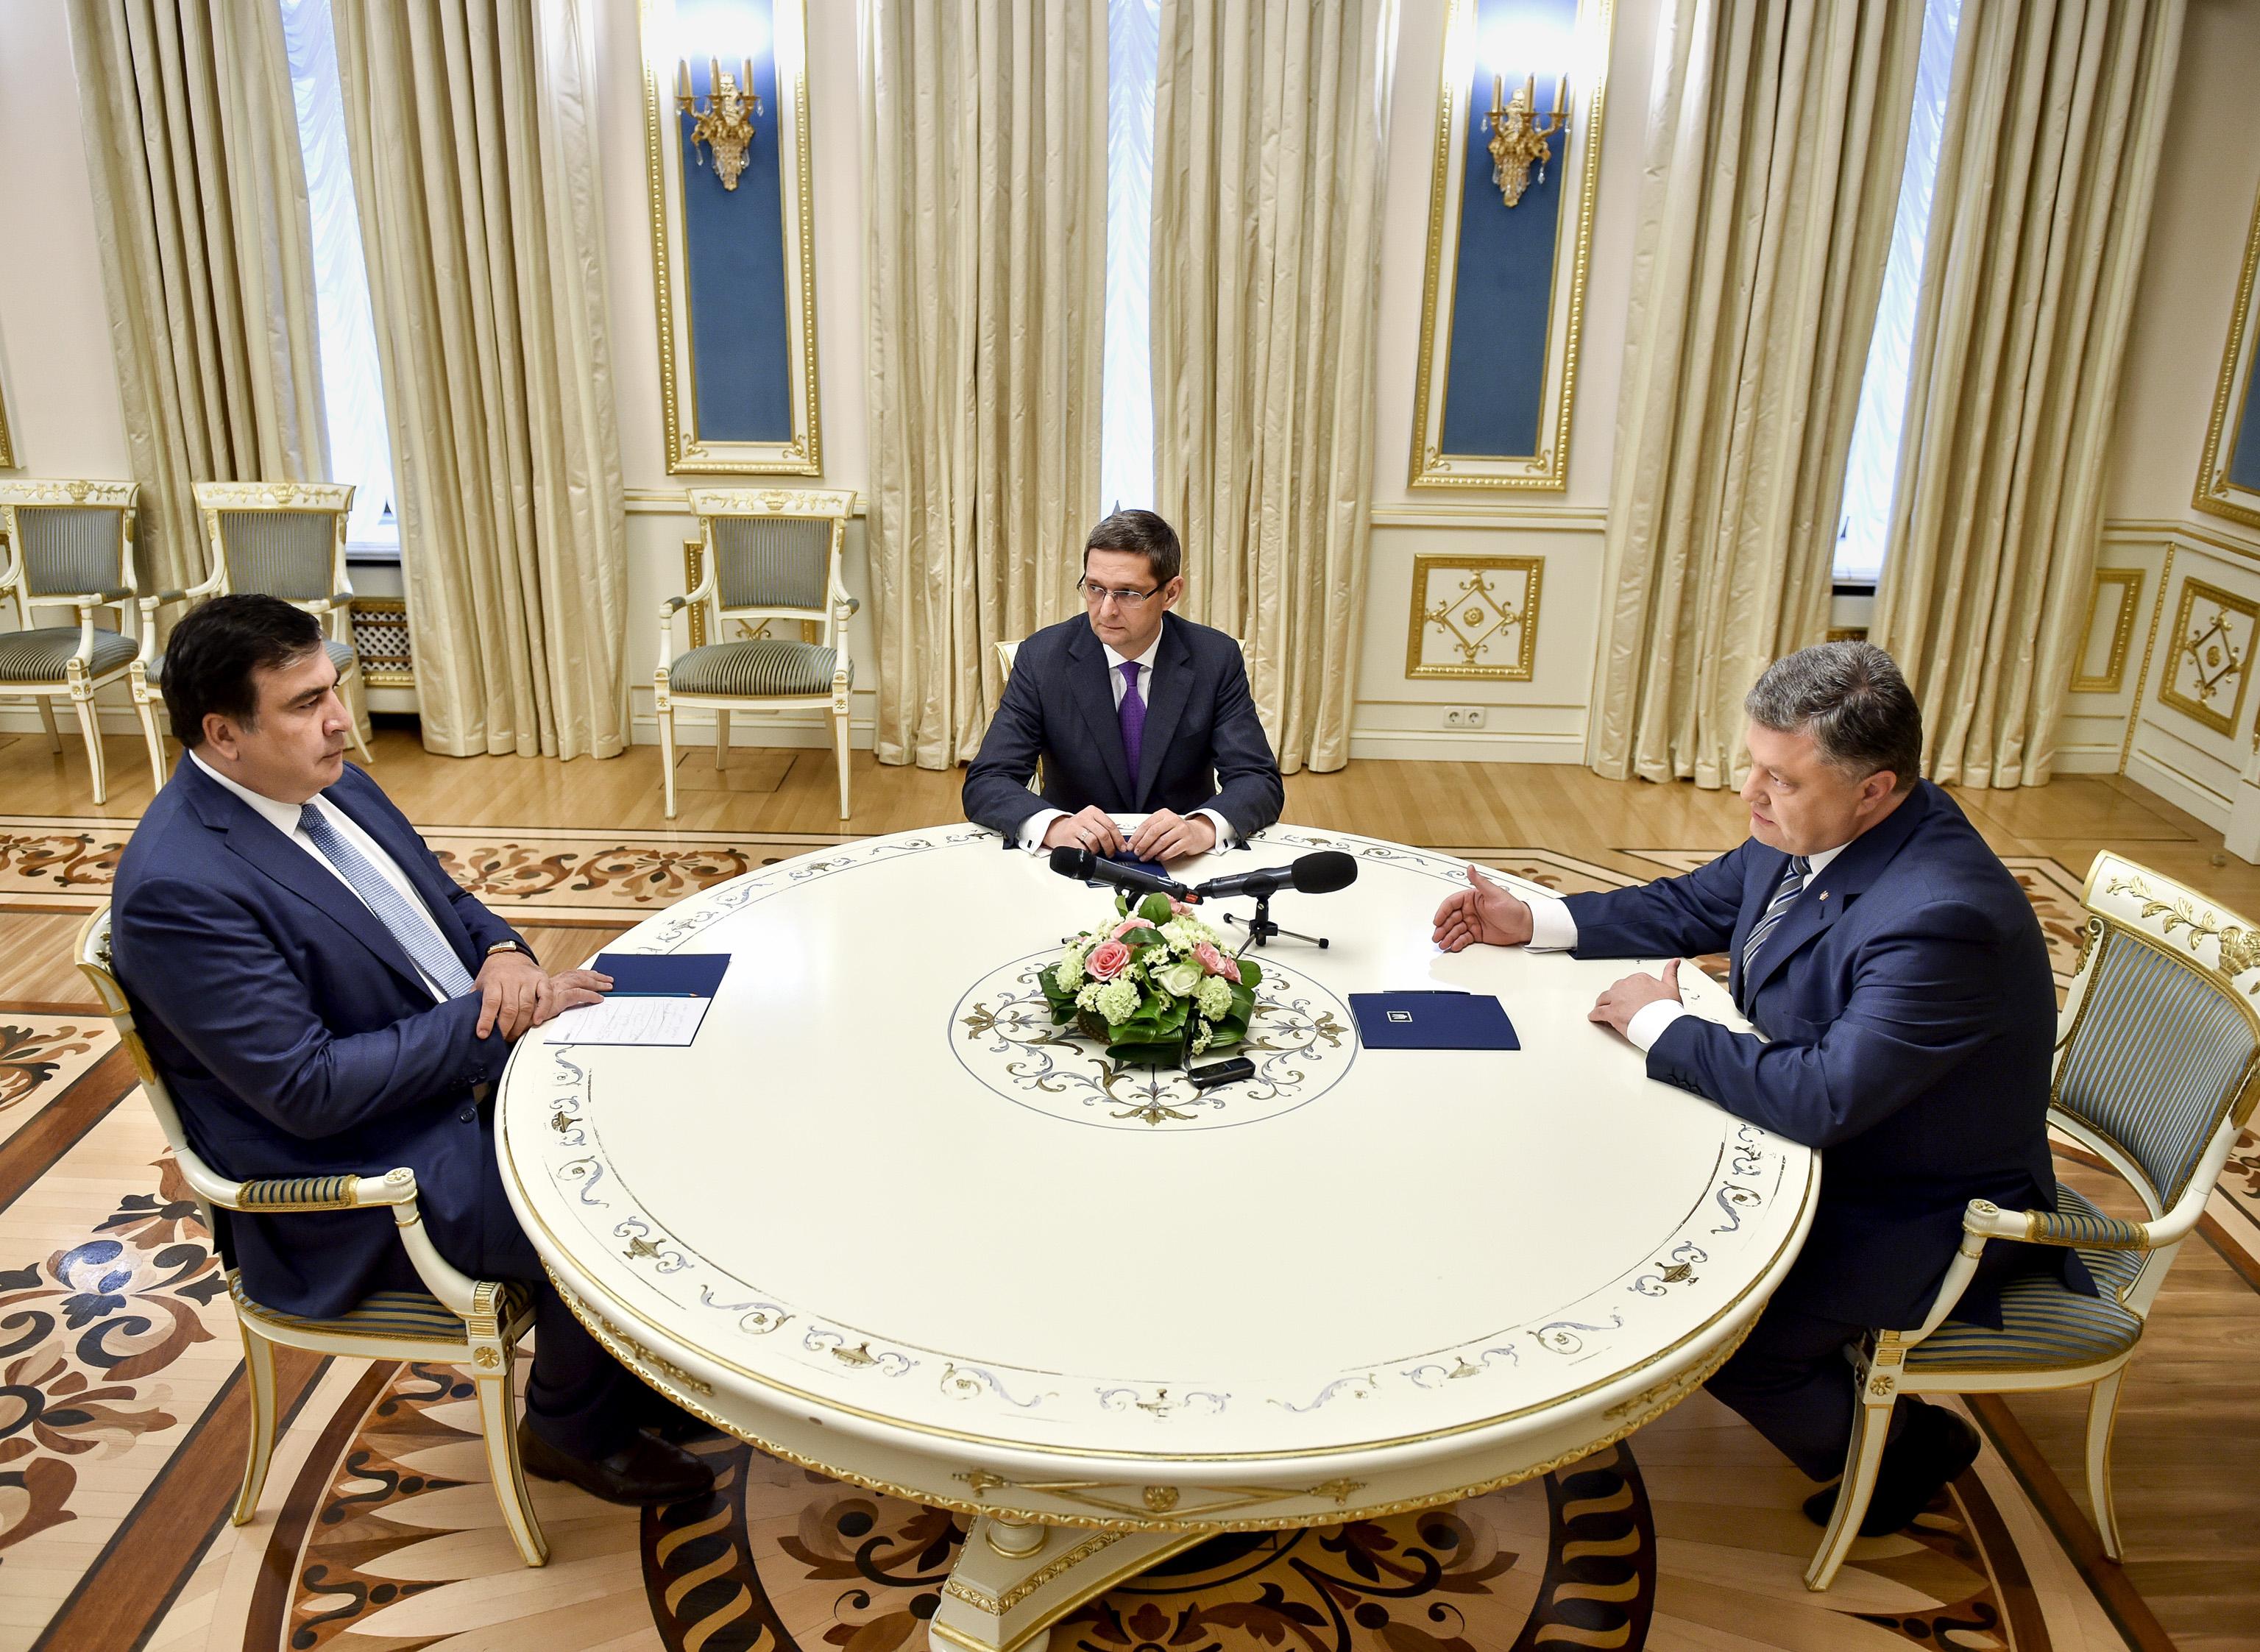 Порошенко закликав прискорити будівництво нового Митного терміналу в Одесі - фото 1